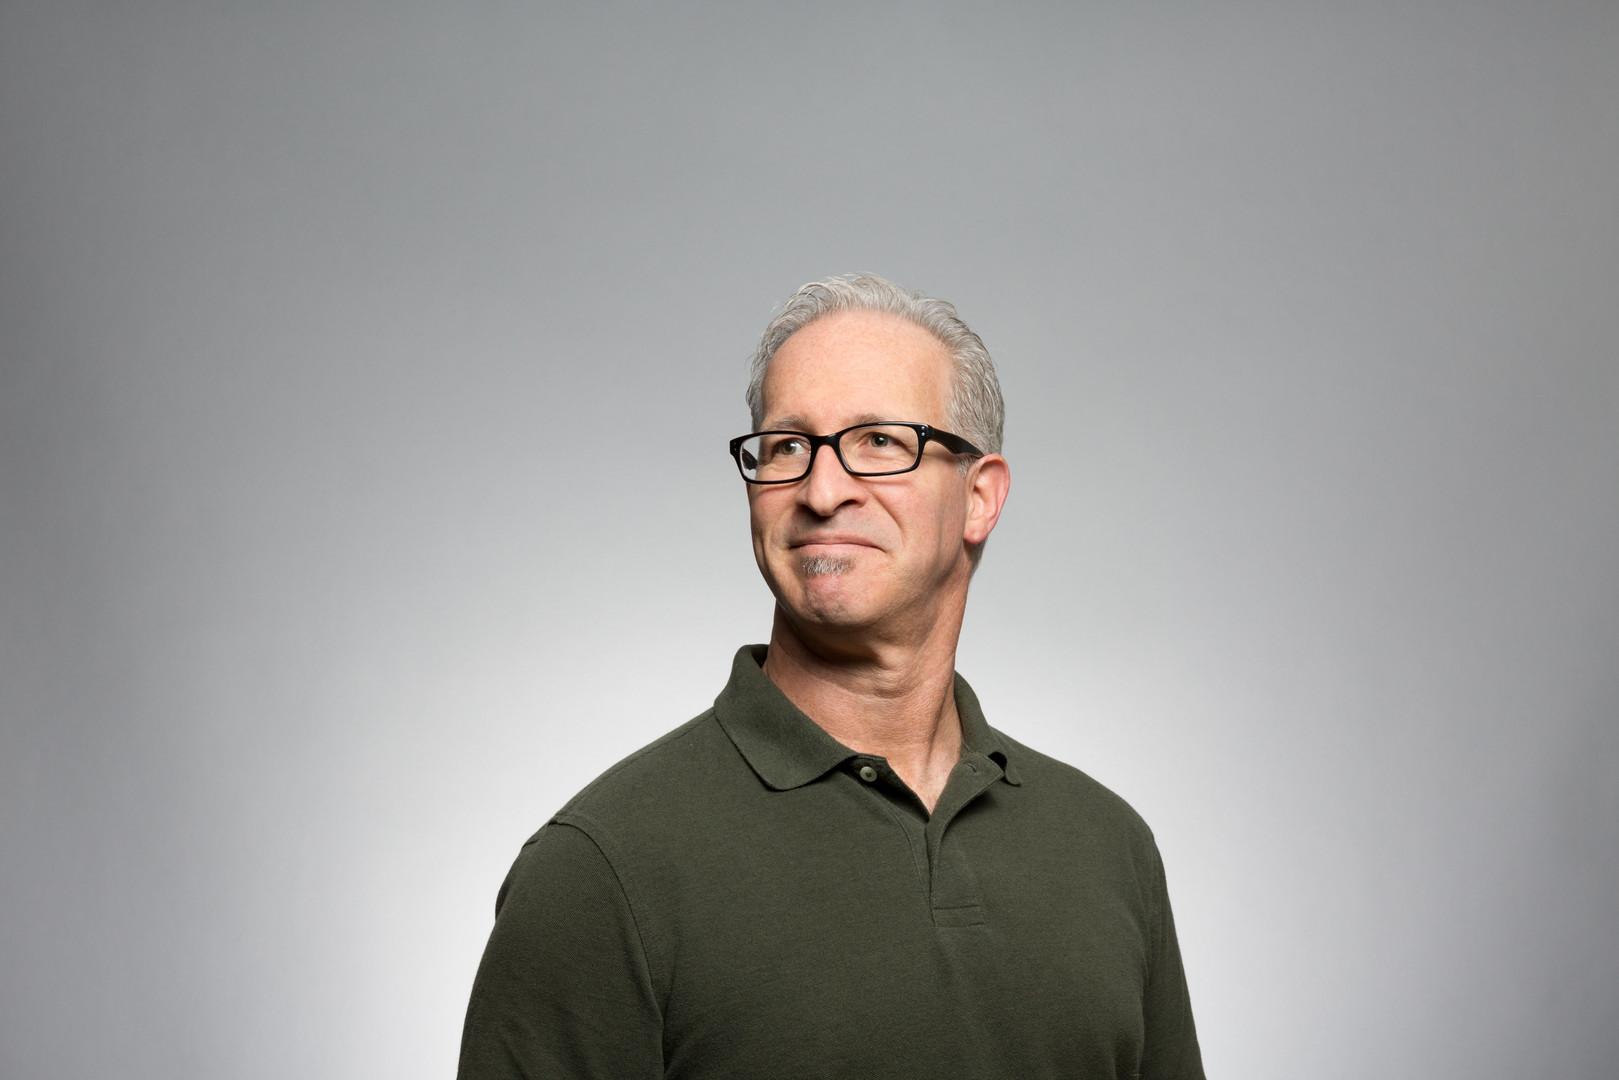 Homme avec lunettes